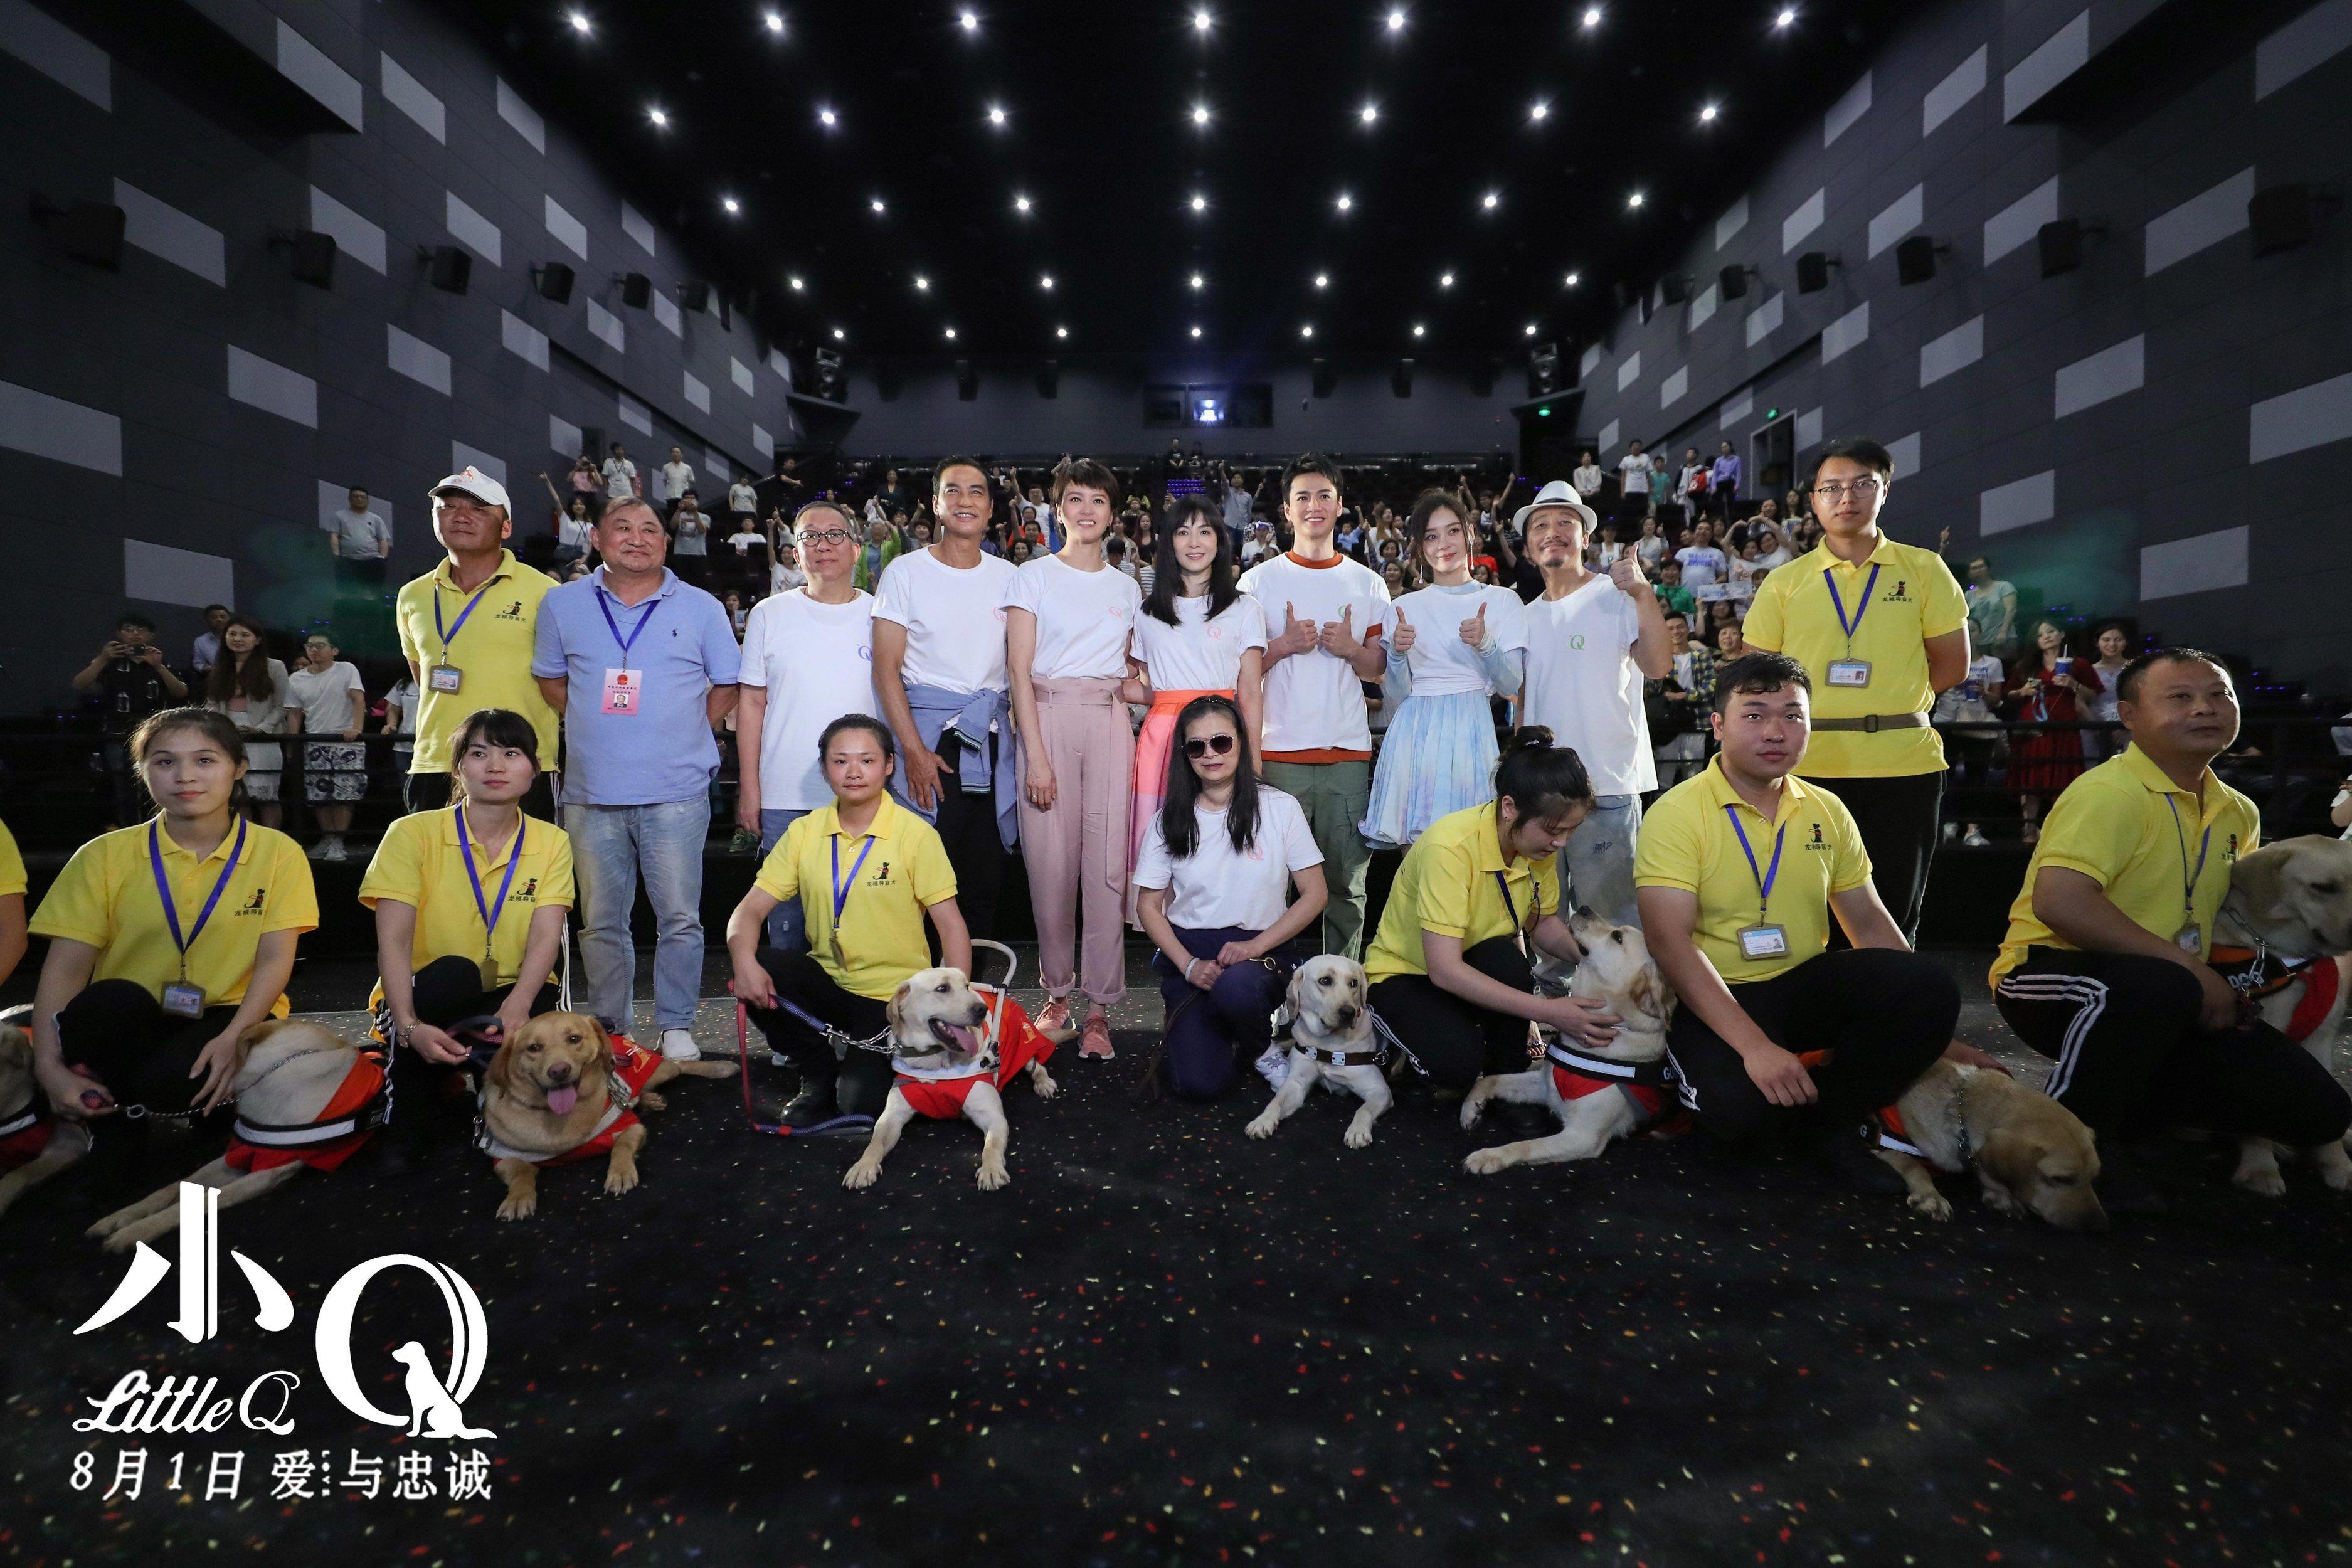 电影《小Q》上海超前观影,催泪神犬忠诚一生感